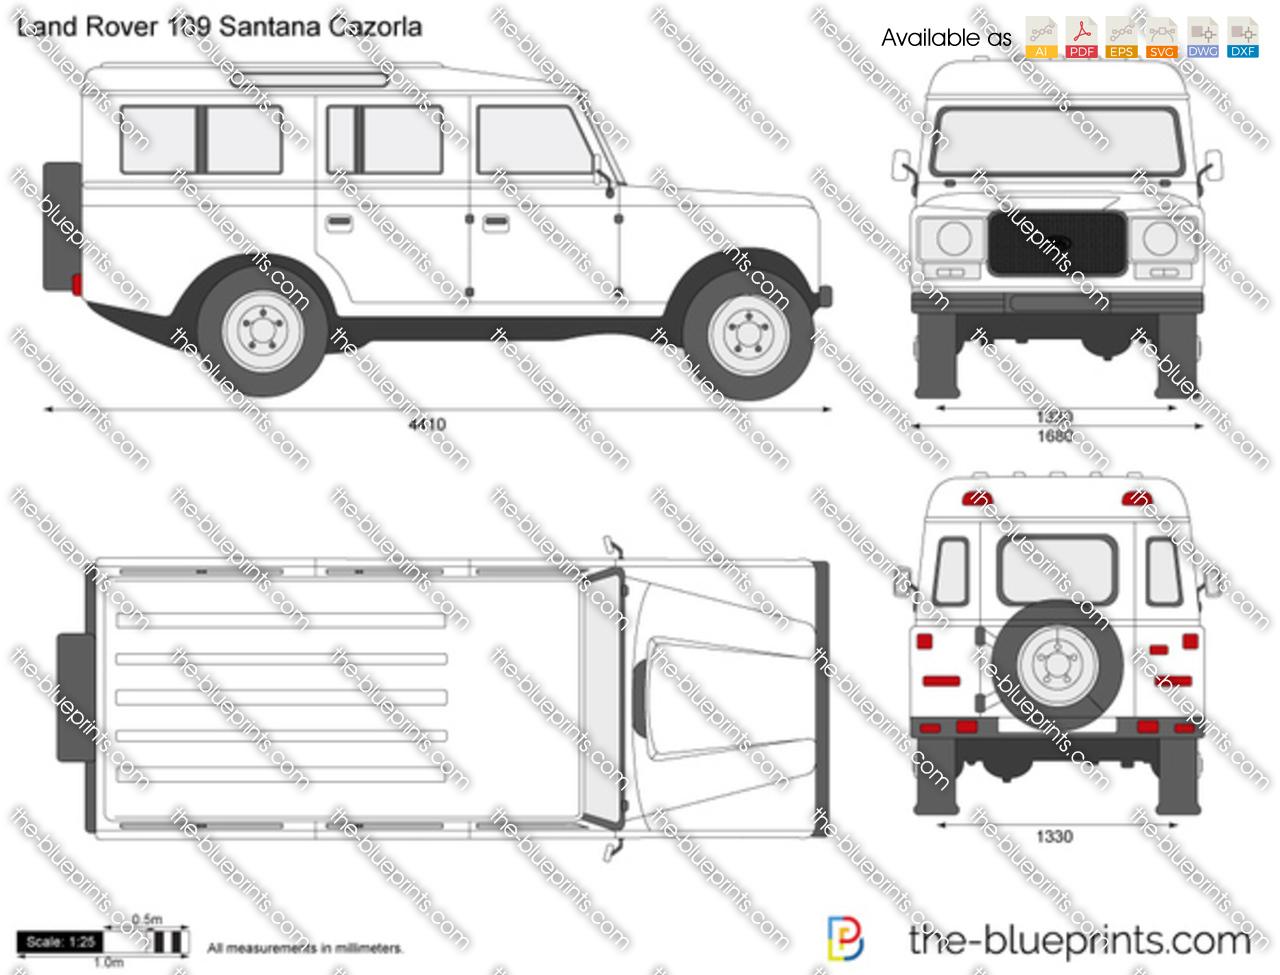 Land Rover 109 Santana Cazorla 1990